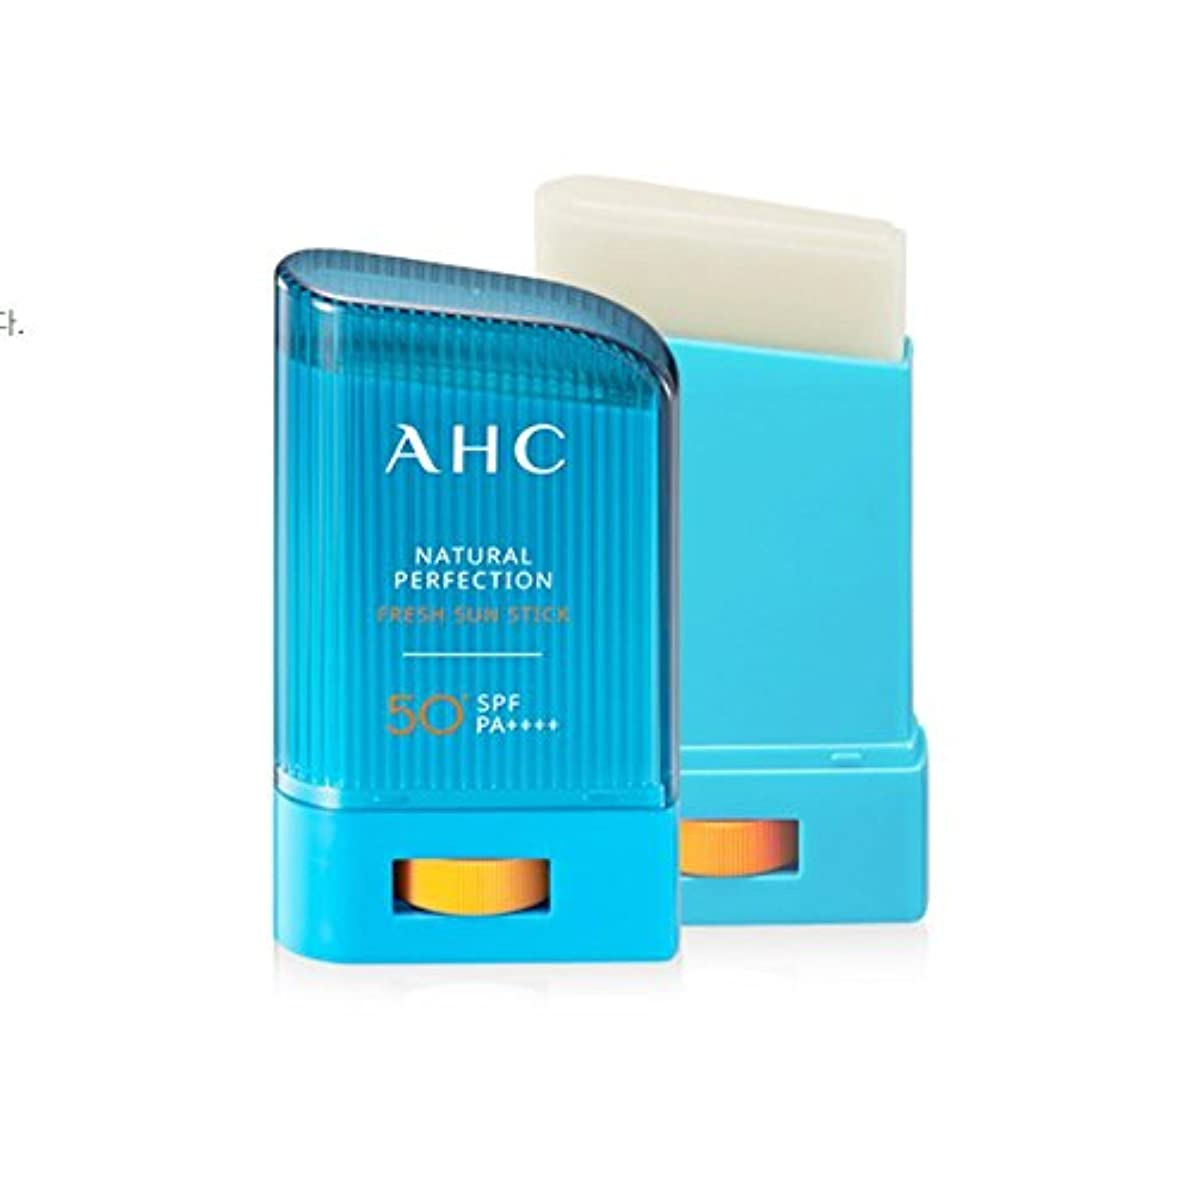 描写フェード教育学2018年(Renewal) AHC ナチュラル サン スティック 22g/AHC Natural perfection fresh sun stick (22g) [並行輸入品]